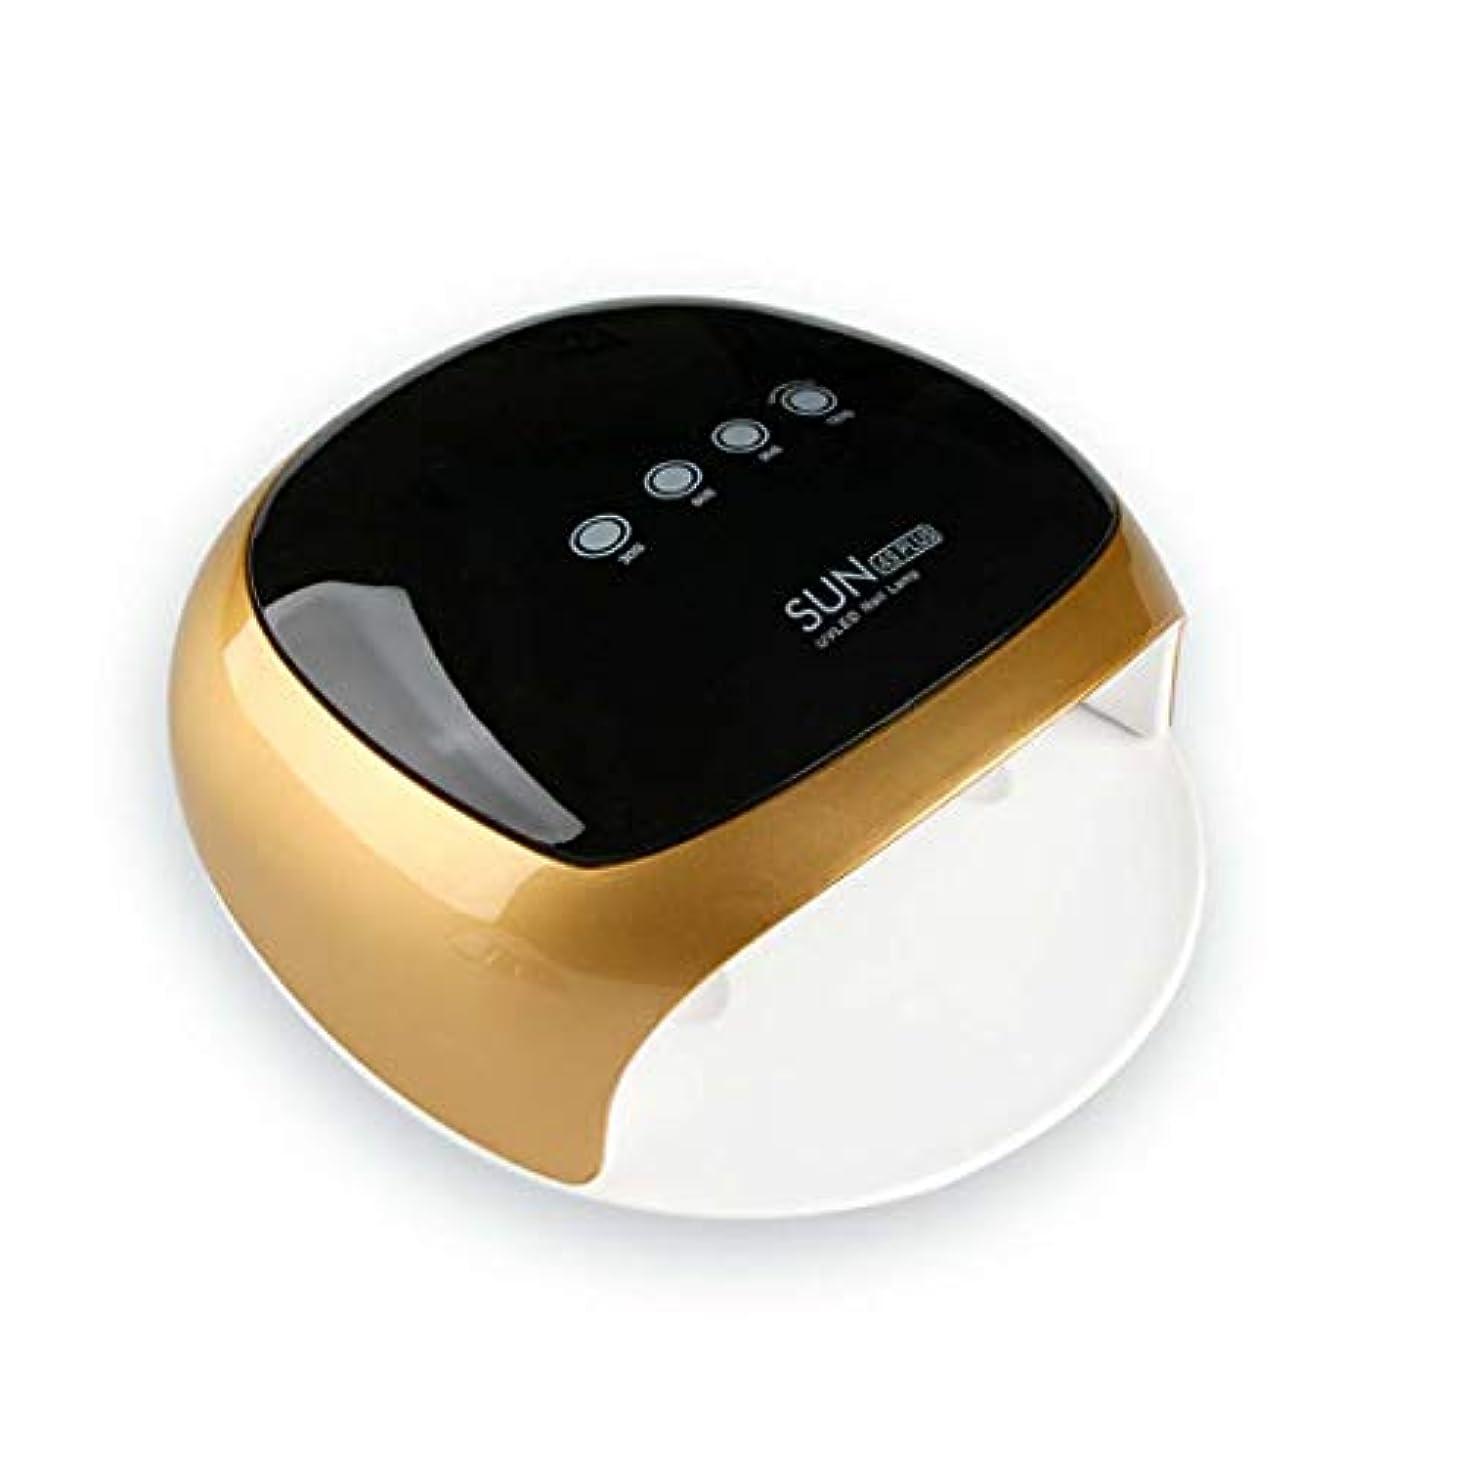 消す枯渇球体KUNIDE ネイルライト 硬化ライト ネイルドライヤー UV/LEDライト 52W ネイルランプ 速乾性 タッチキー 自動センサー付き 4段階タイマー機能 ジェルネイル用 手足兼用 (きんいろ)